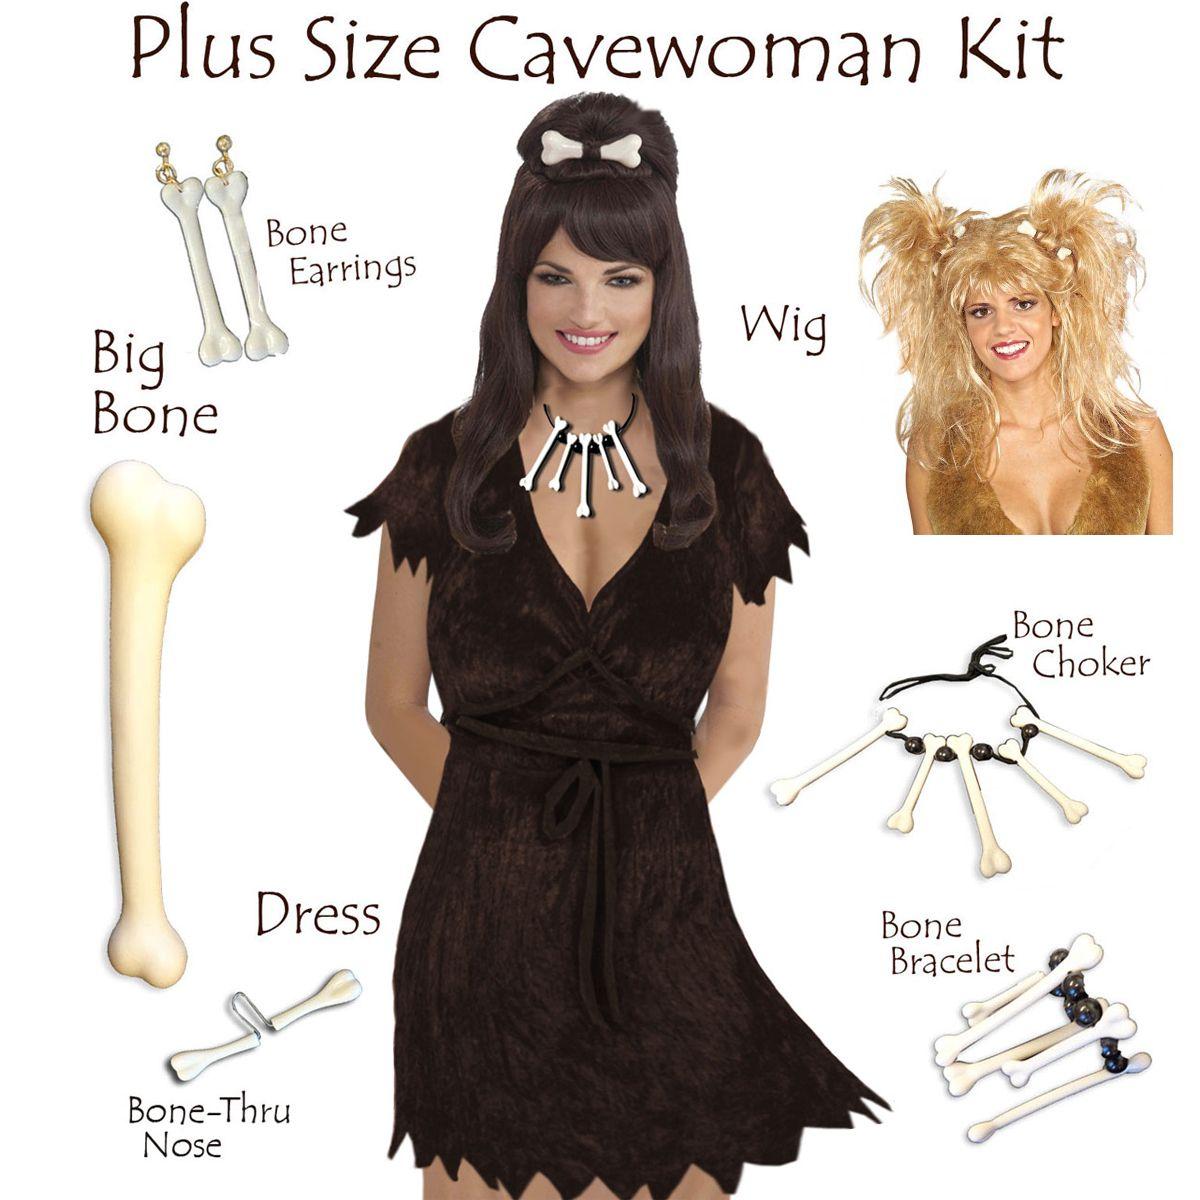 SALE! Plus Size Cave Woman Costume Plus Size & Supersize